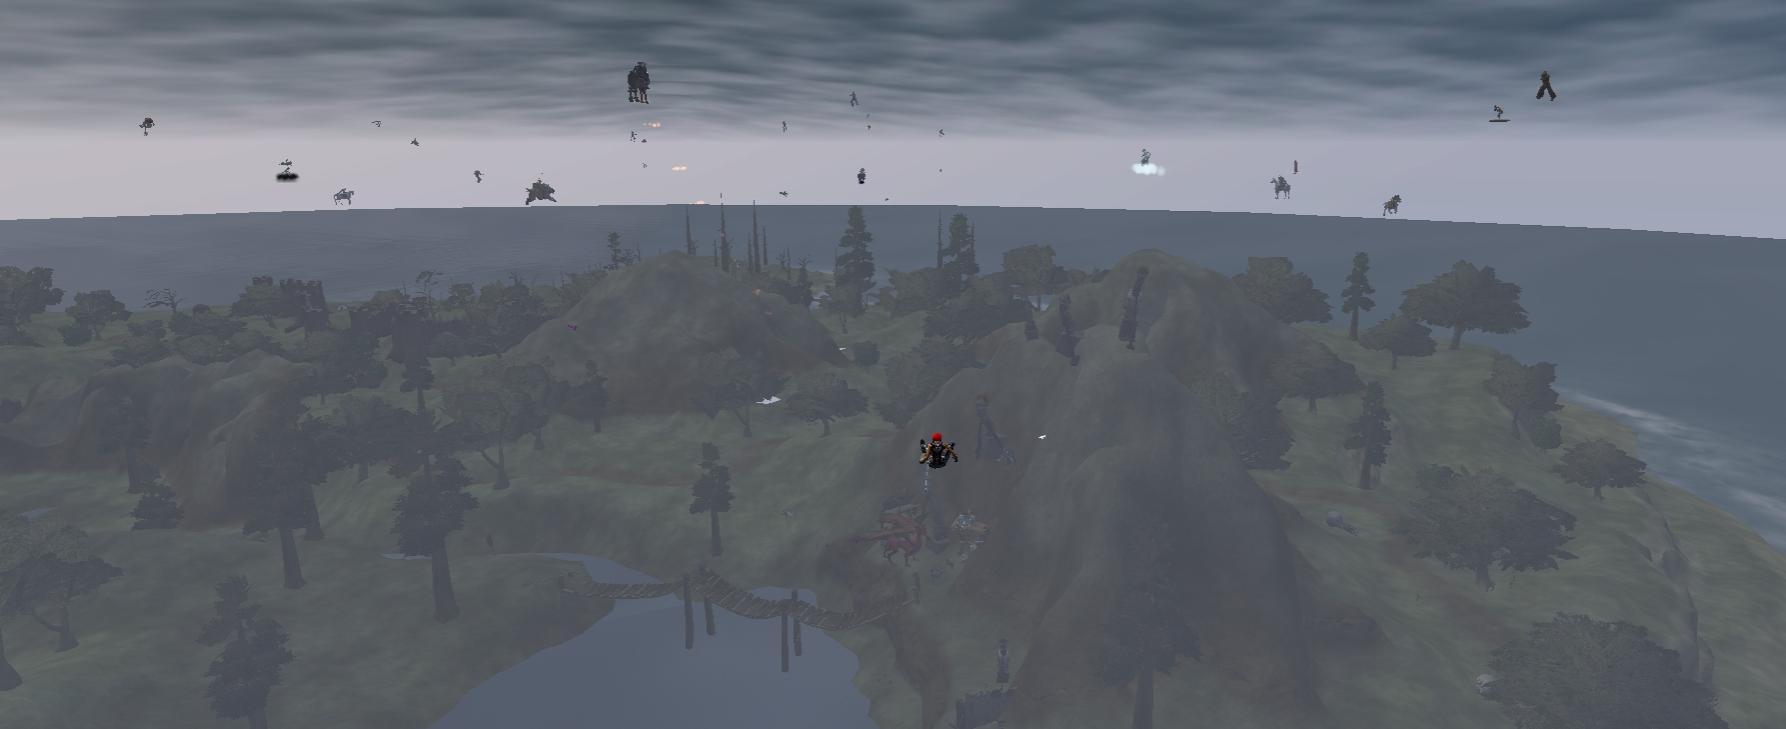 escape from tarkov reddit guide